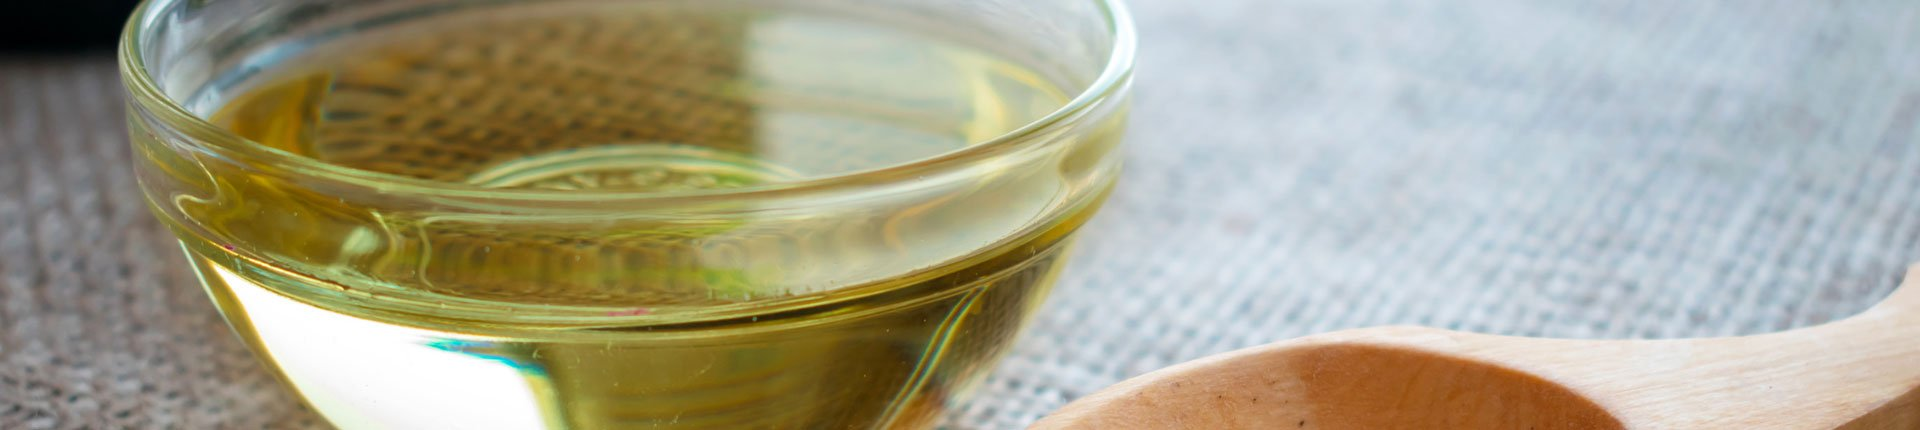 5 powodów dla których warto stosować olej MCT